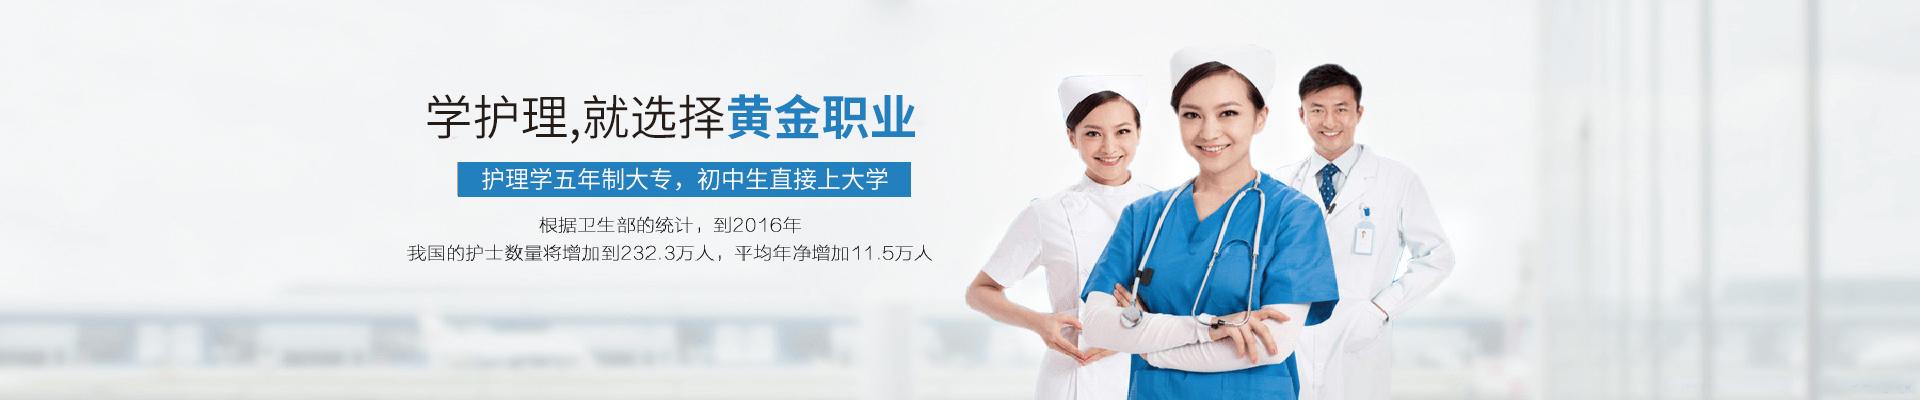 云南中医药中等专业学校